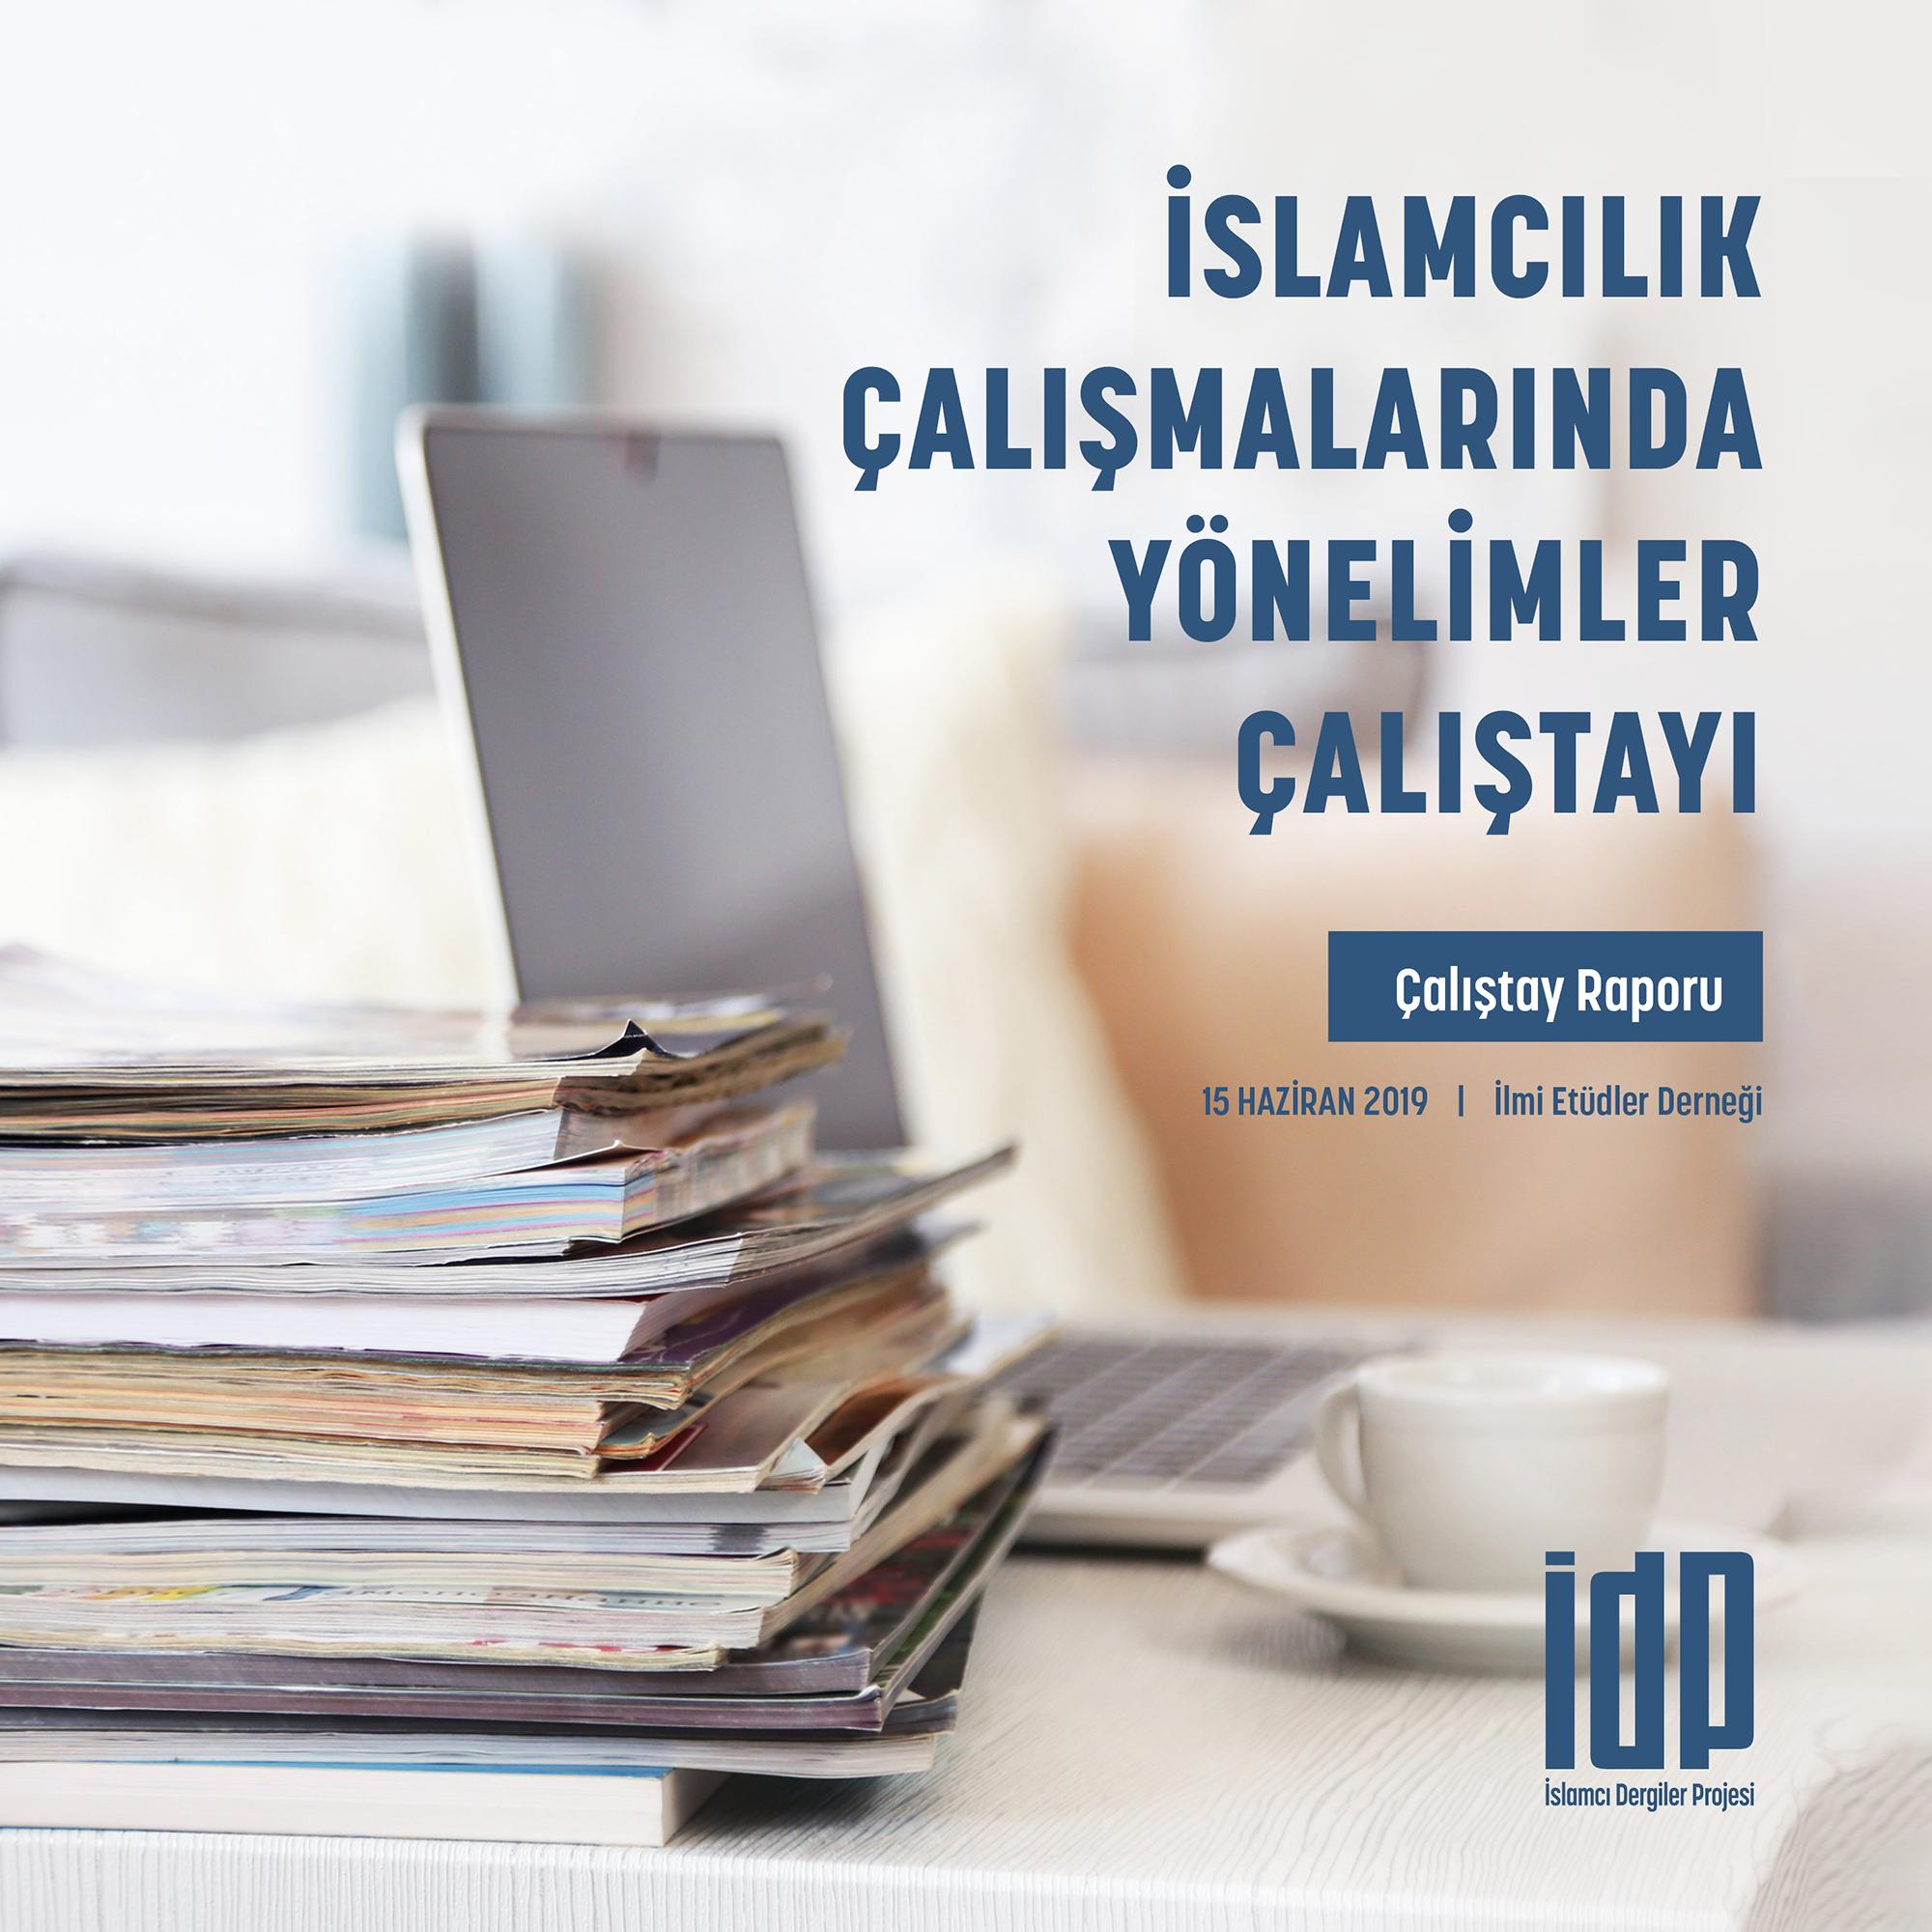 İslamcılık Çalışmalarında Yönelimler Çalıştayı